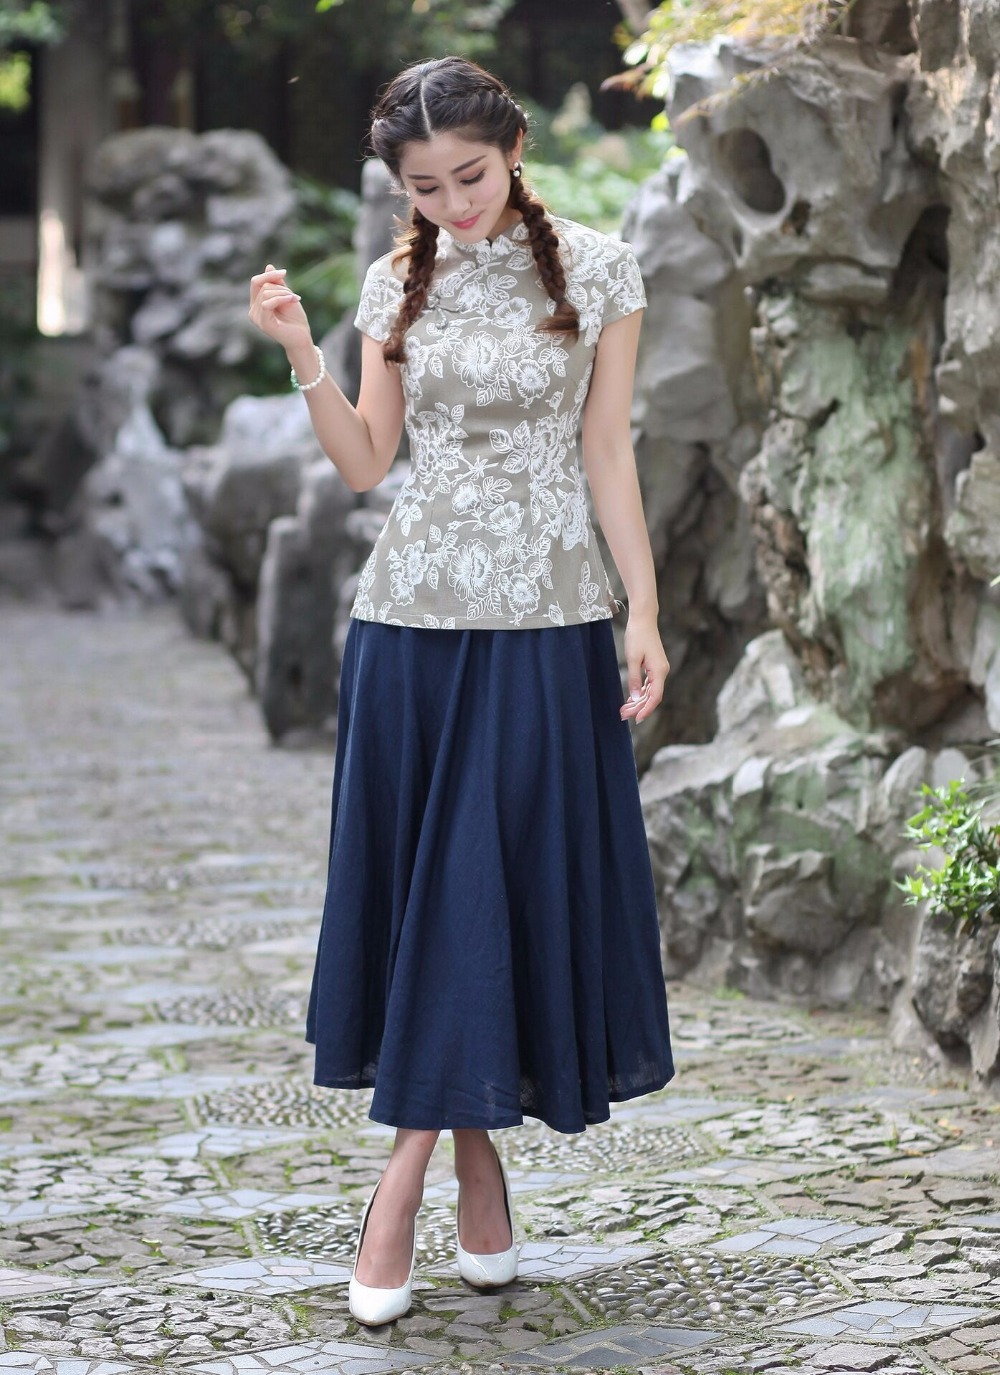 style Xxl Di Camicia 3 Primavera Lino Cotone Donne Vestito 2018 4 Fiori Abbigliamento Del Moda Linguetta 3 Xl M Cinese S 2 Gonne L Set style 3xl Style 1 2518 Delle style 0nAwwqRx